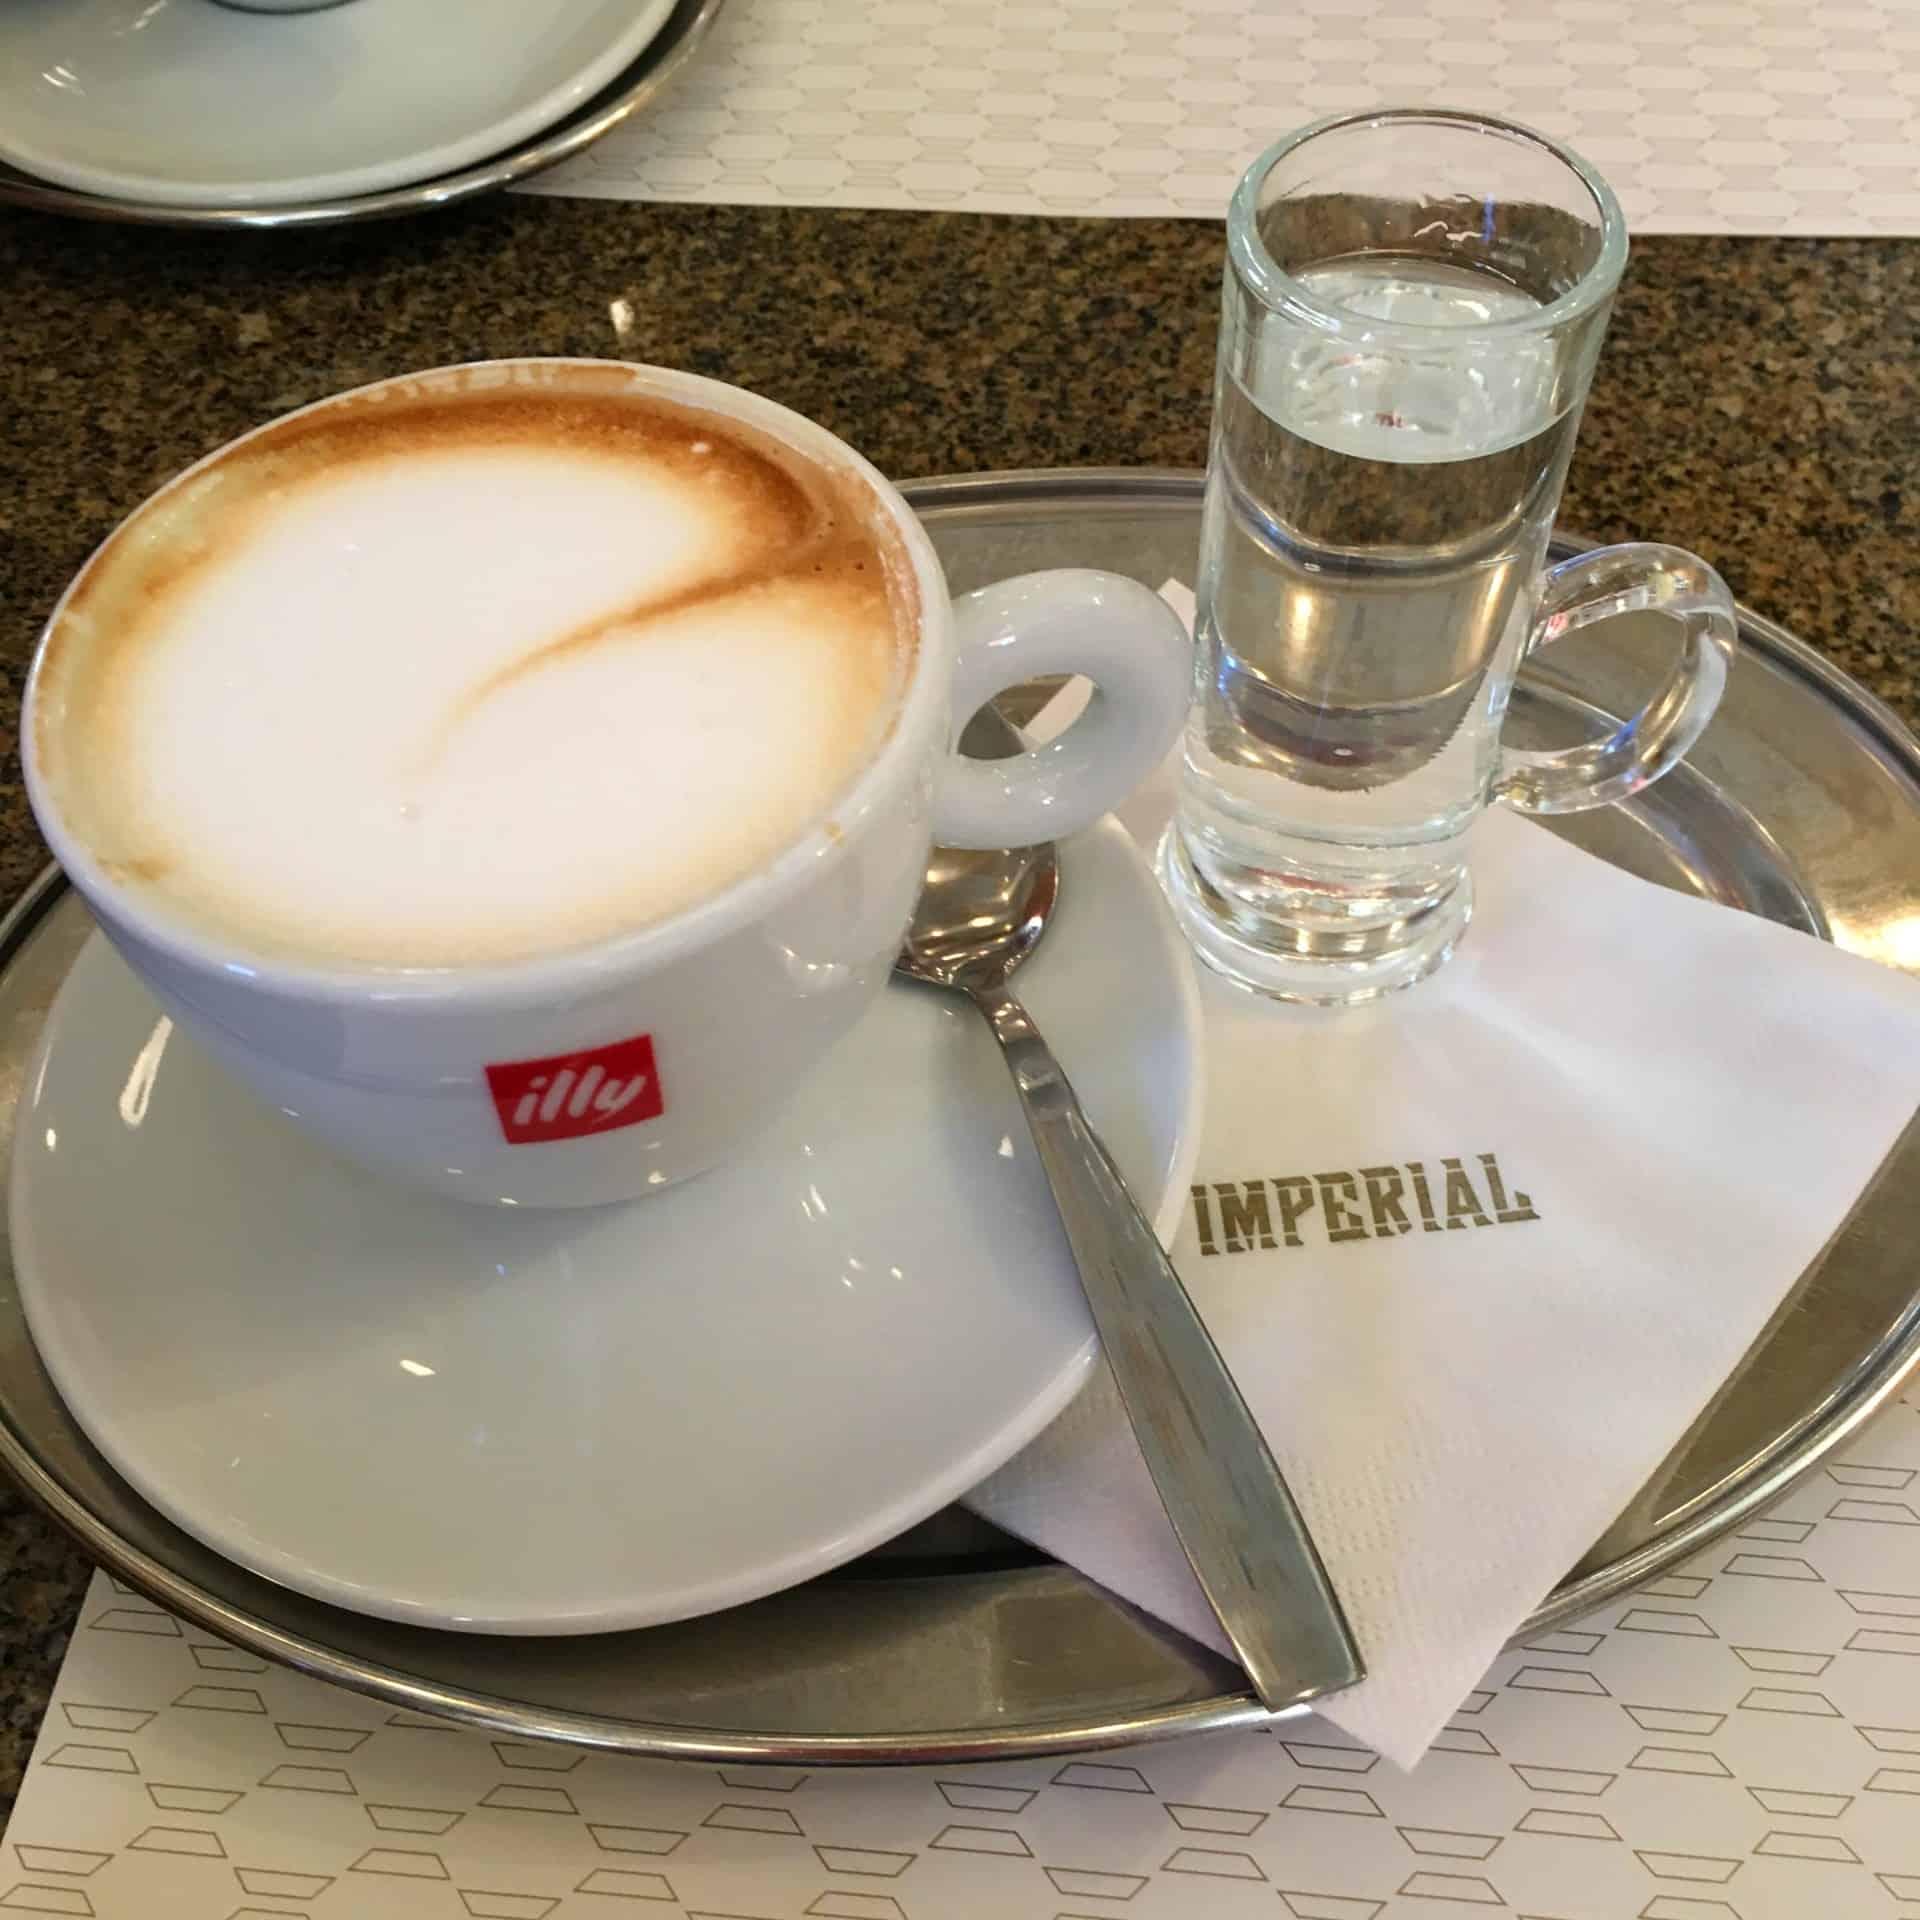 歐遊捷克:布拉格美食 – 推介百年歷史米芝蓮咖啡館,必食燉牛臉頰、帝國蛋糕